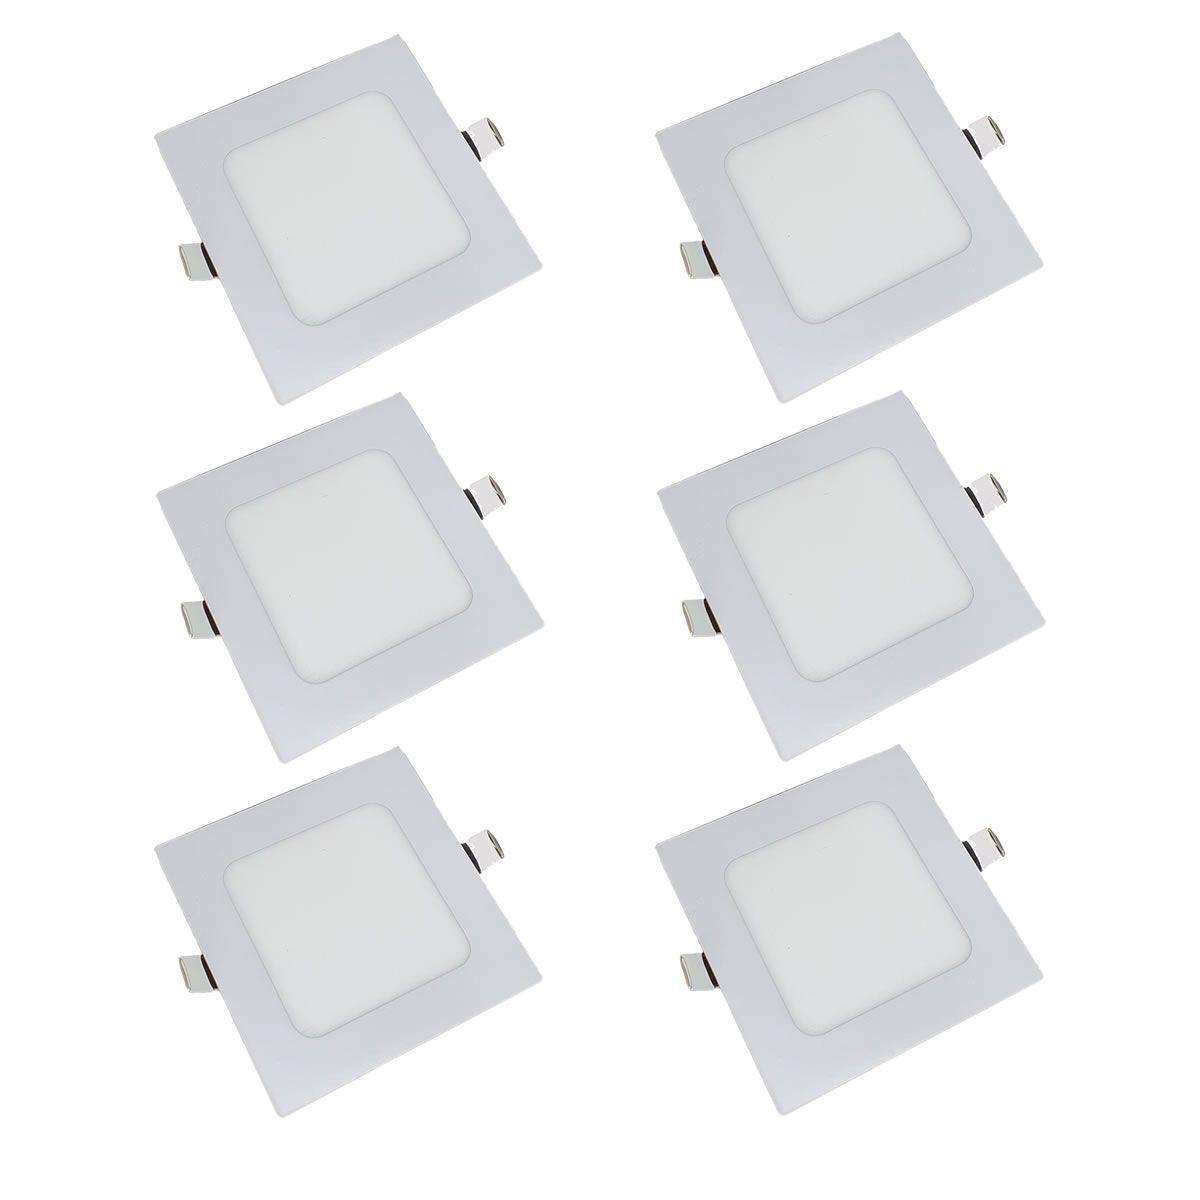 KIT 6 Painel Plafon LED 6w Quadrado Embutir Branco Quente Luminária